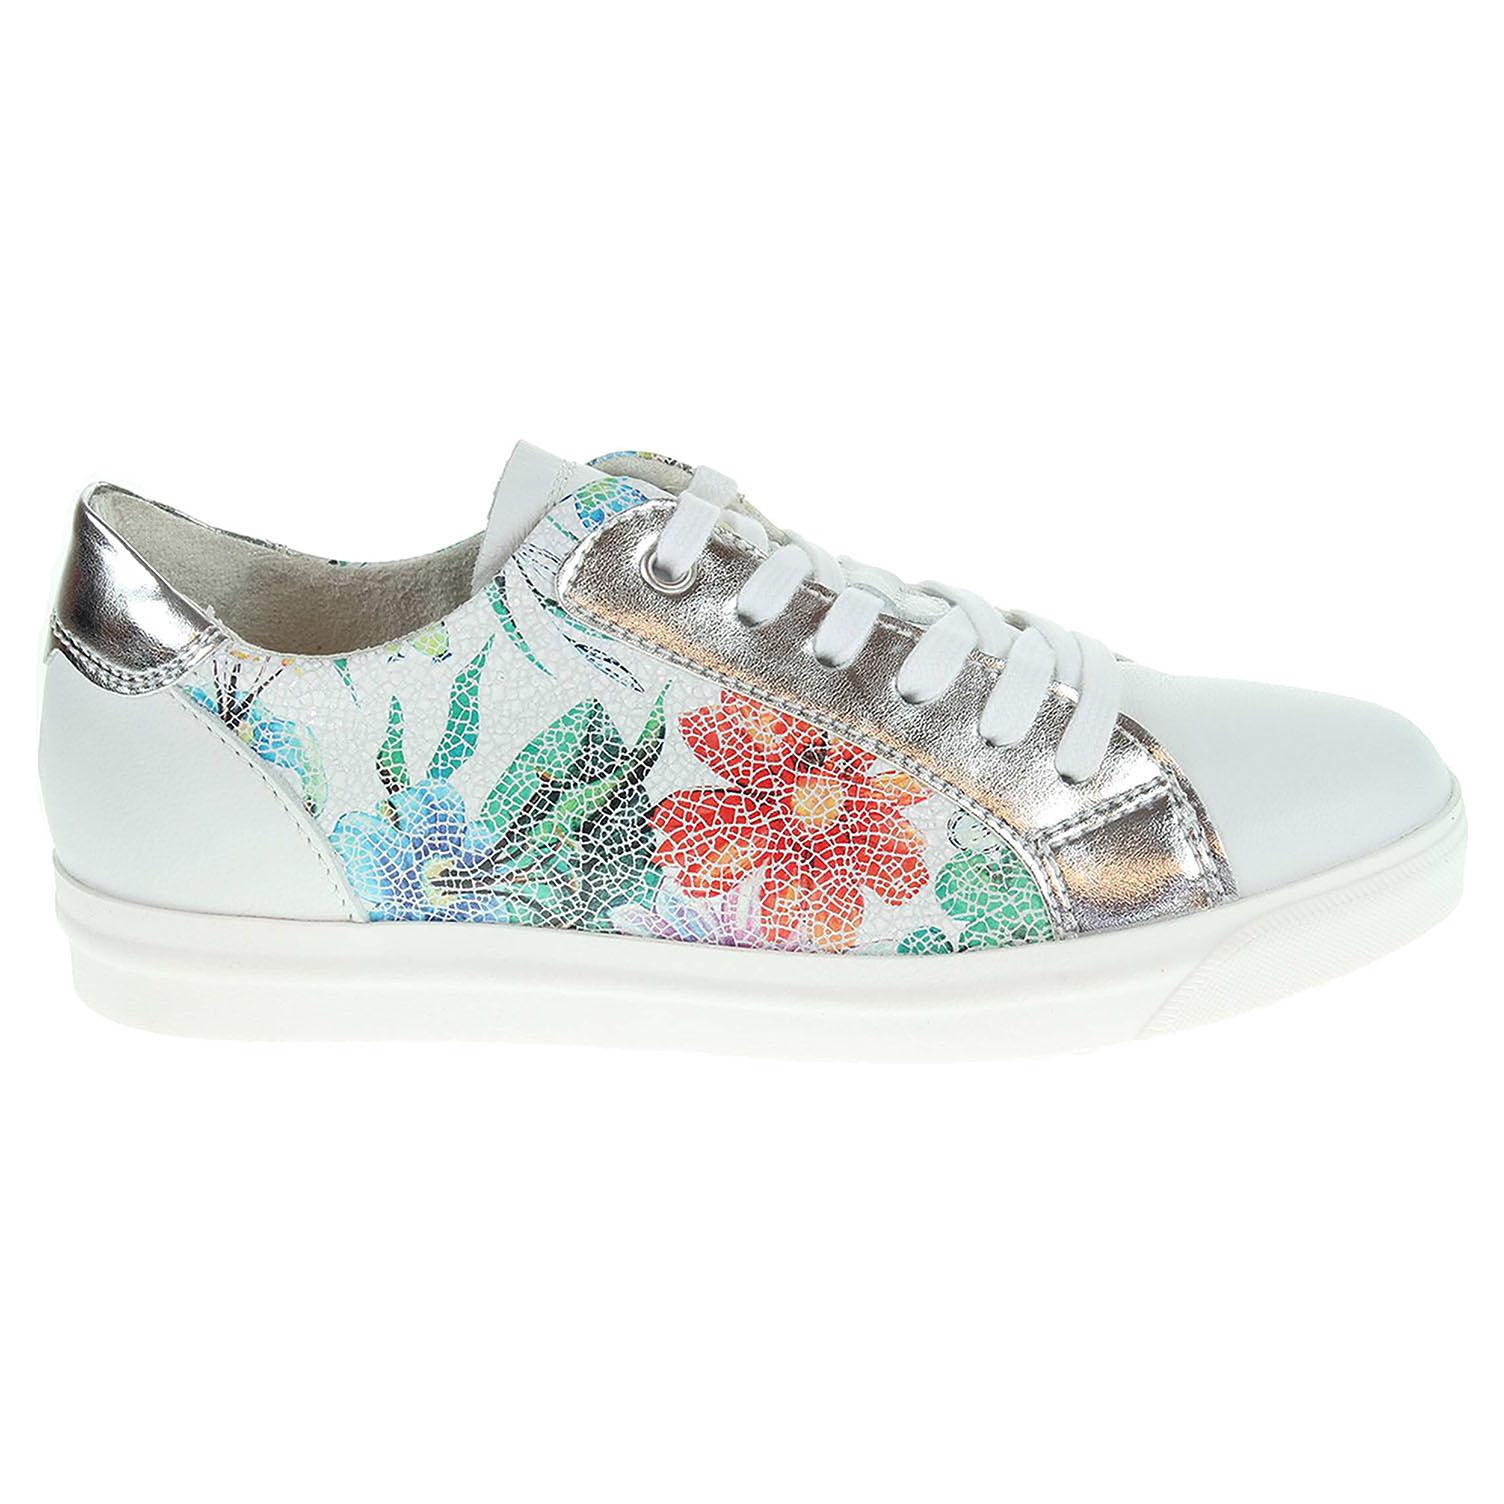 Ecco MArco Tozzi dámská obuv 2-23613-38 bílá-multi 23200675